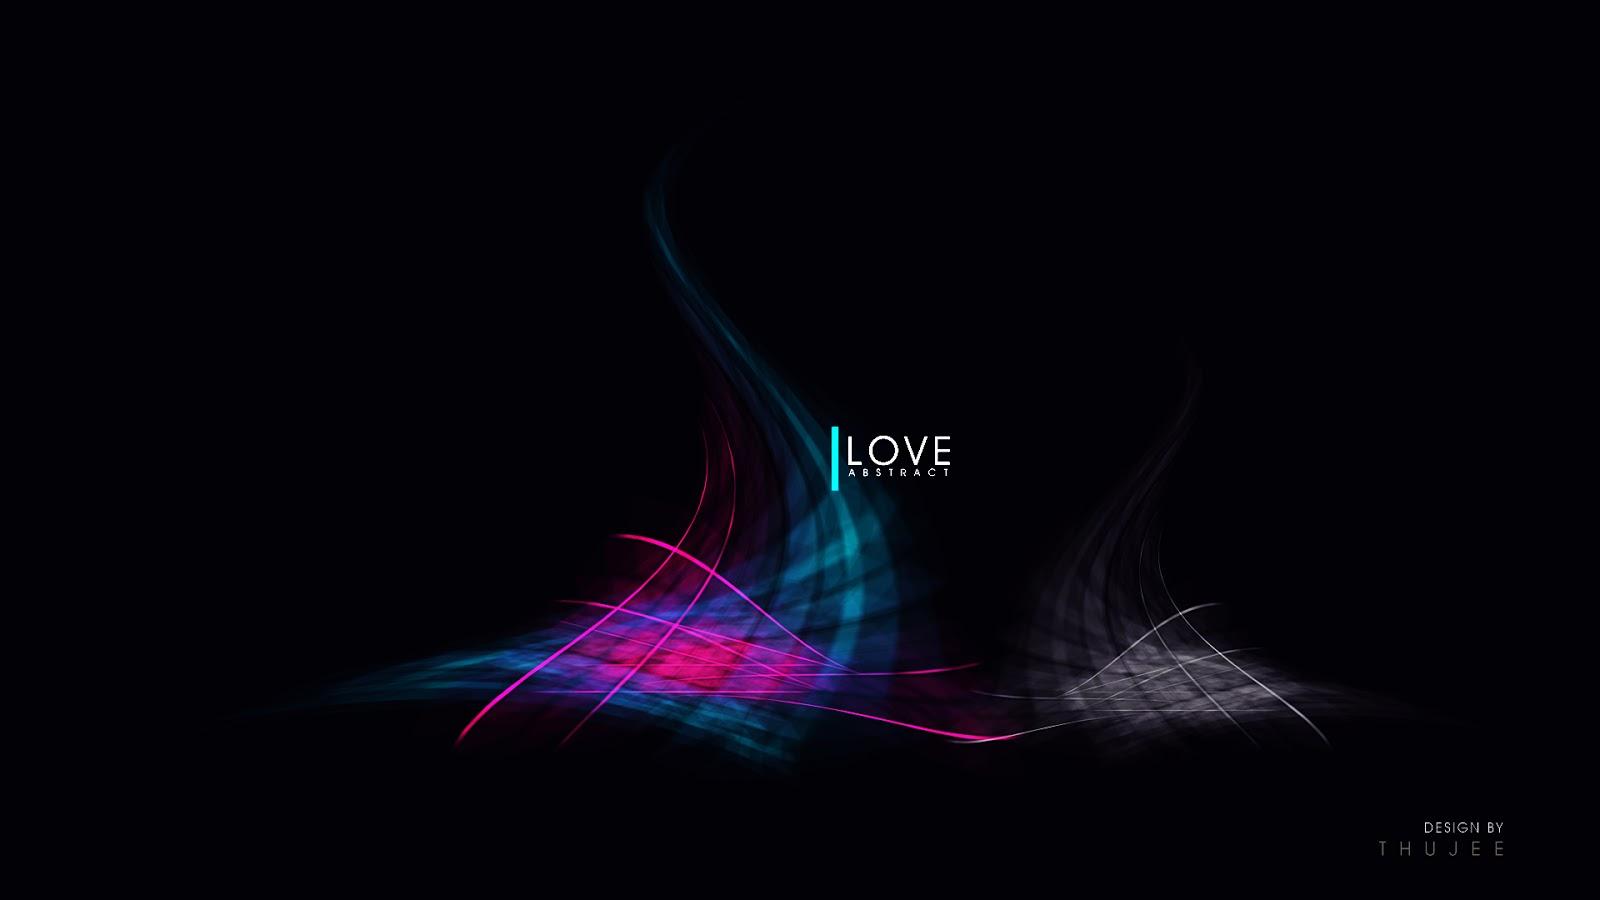 http://4.bp.blogspot.com/-MFzQjSblQBY/UPRrFuSc3wI/AAAAAAAAQ1Q/rsox3F2uH-U/s1600/i-love-abstract-wallpaper.jpg